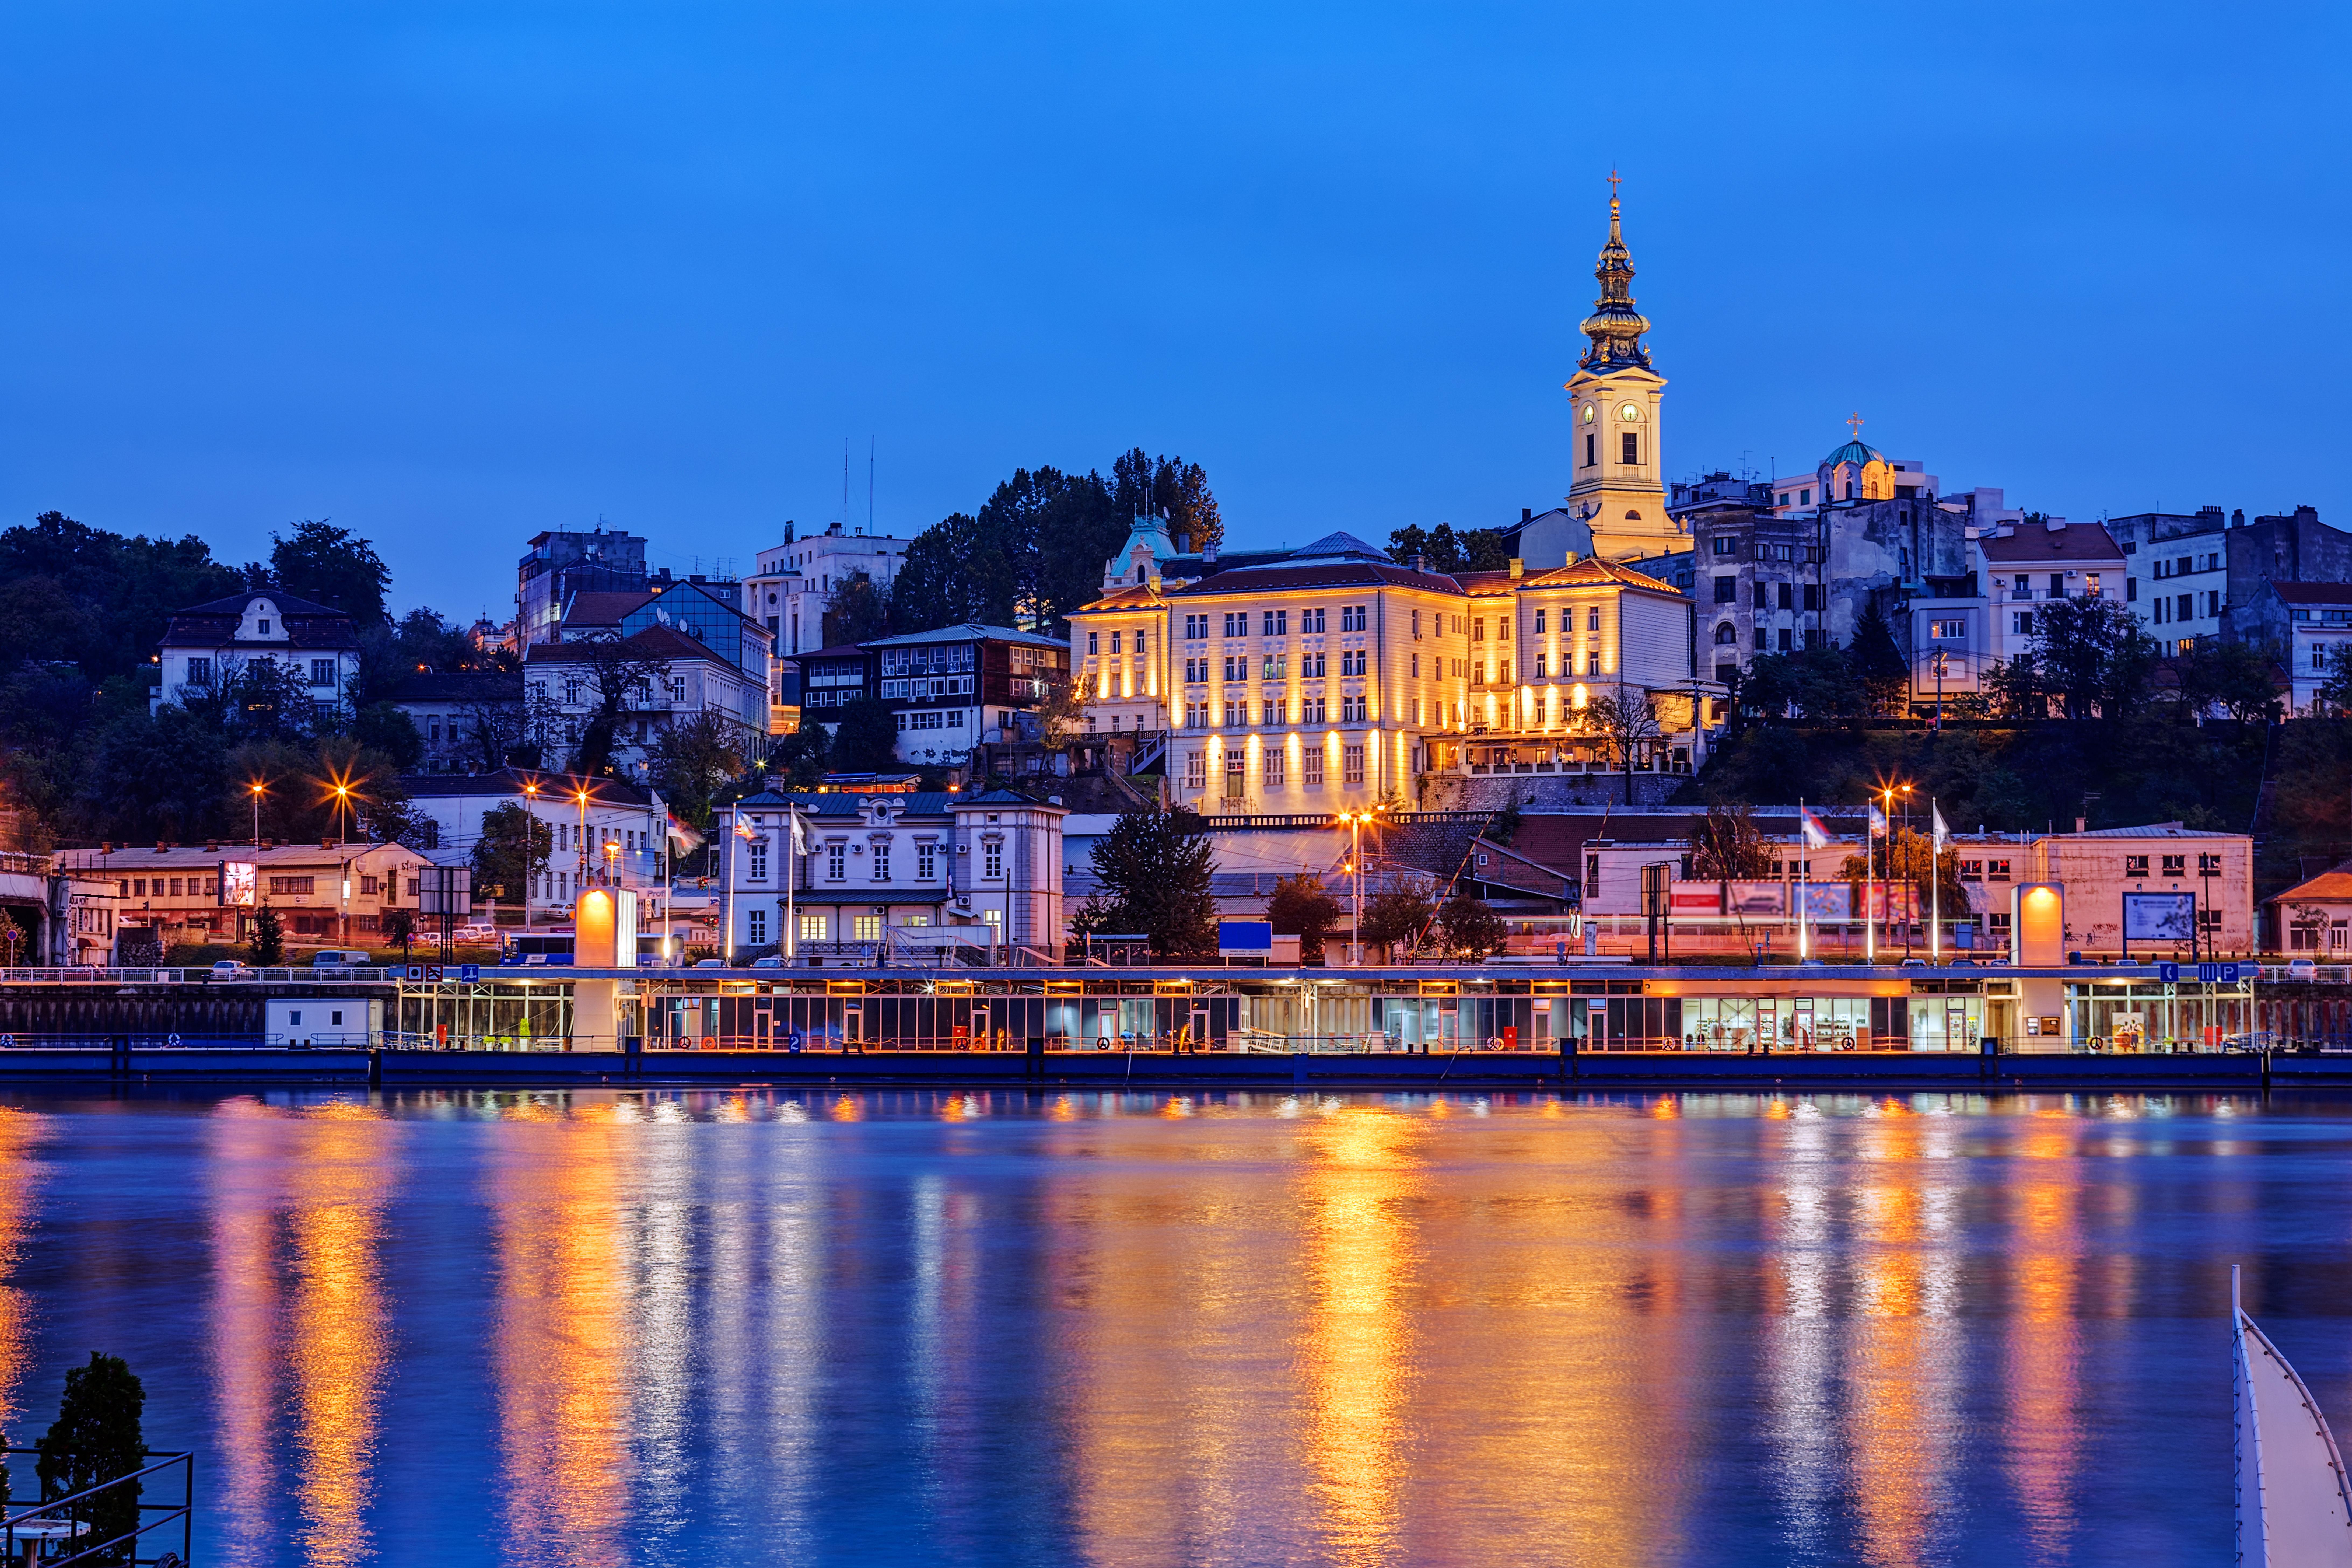 Екскурзия за 3 март до Белград, Сърбия! 2 нощувки със закуски в Hotel Balasevic 3*, транспорт и екскурзовод! - Снимка 4